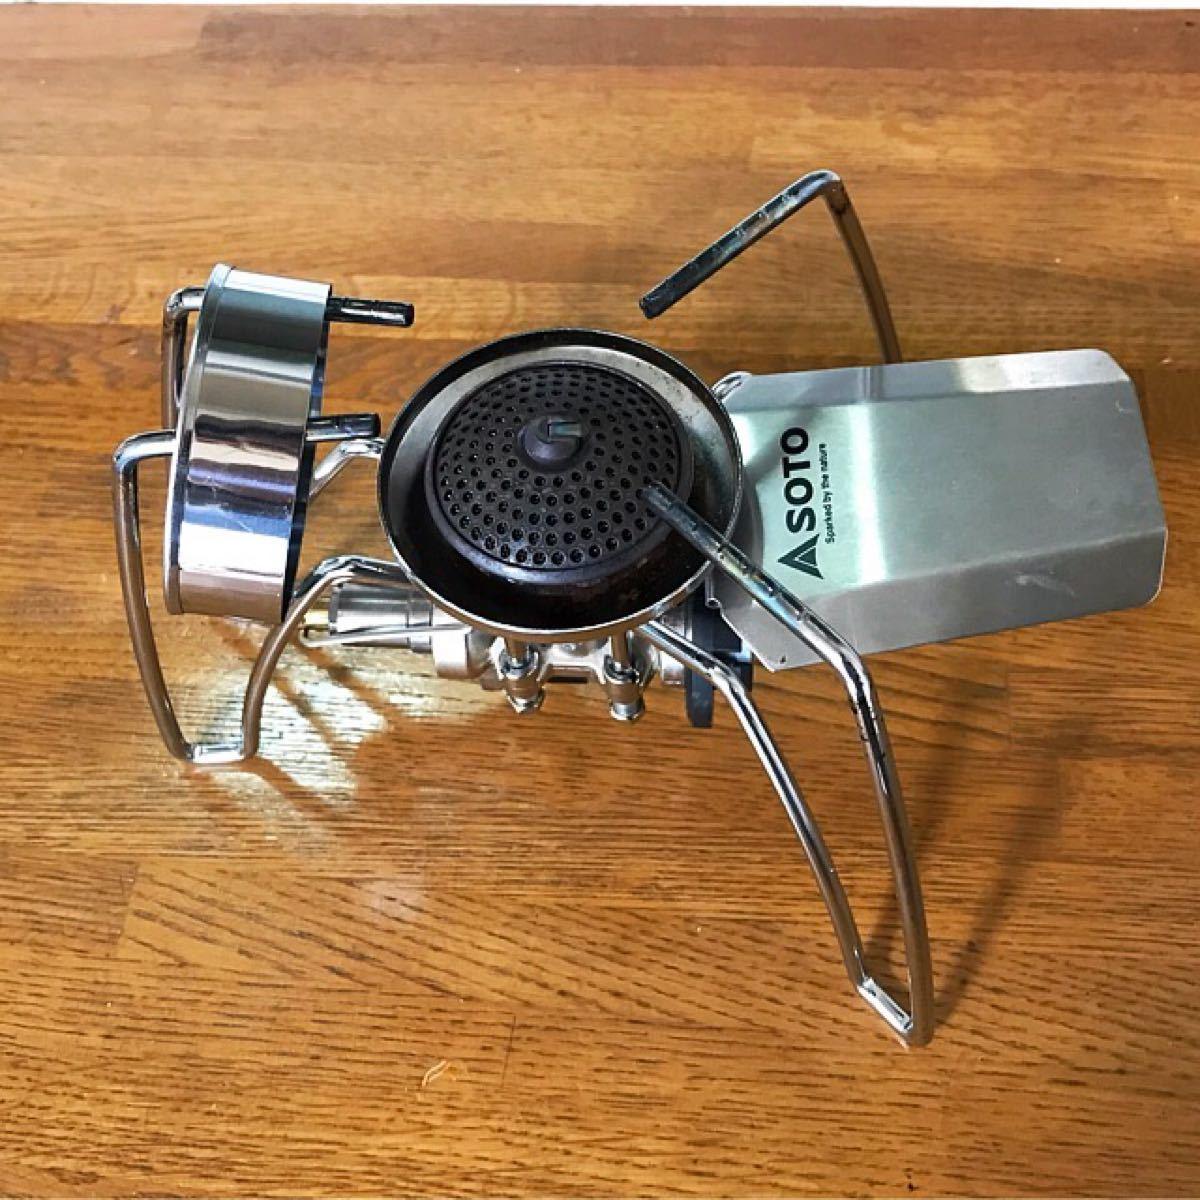 新品♪日本製 SOTO ソト♪ST-310用 風防♪ウインドスクリーン♪ST310 シングルバーナー 新富士バーナー CB缶